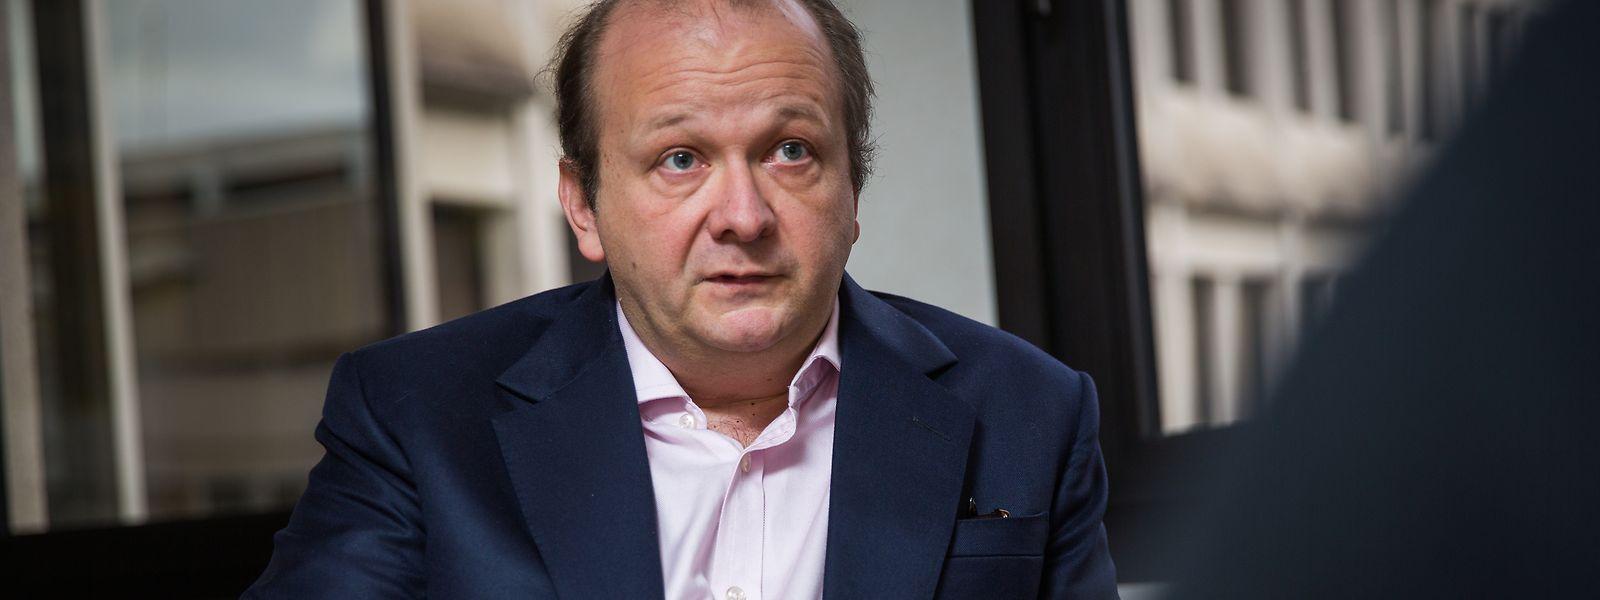 O antigo espião luxemburguês Frank Schneider enfrenta a extradição para os EUA por alegado envolvimento no esquema da criptomoeda OneCoin